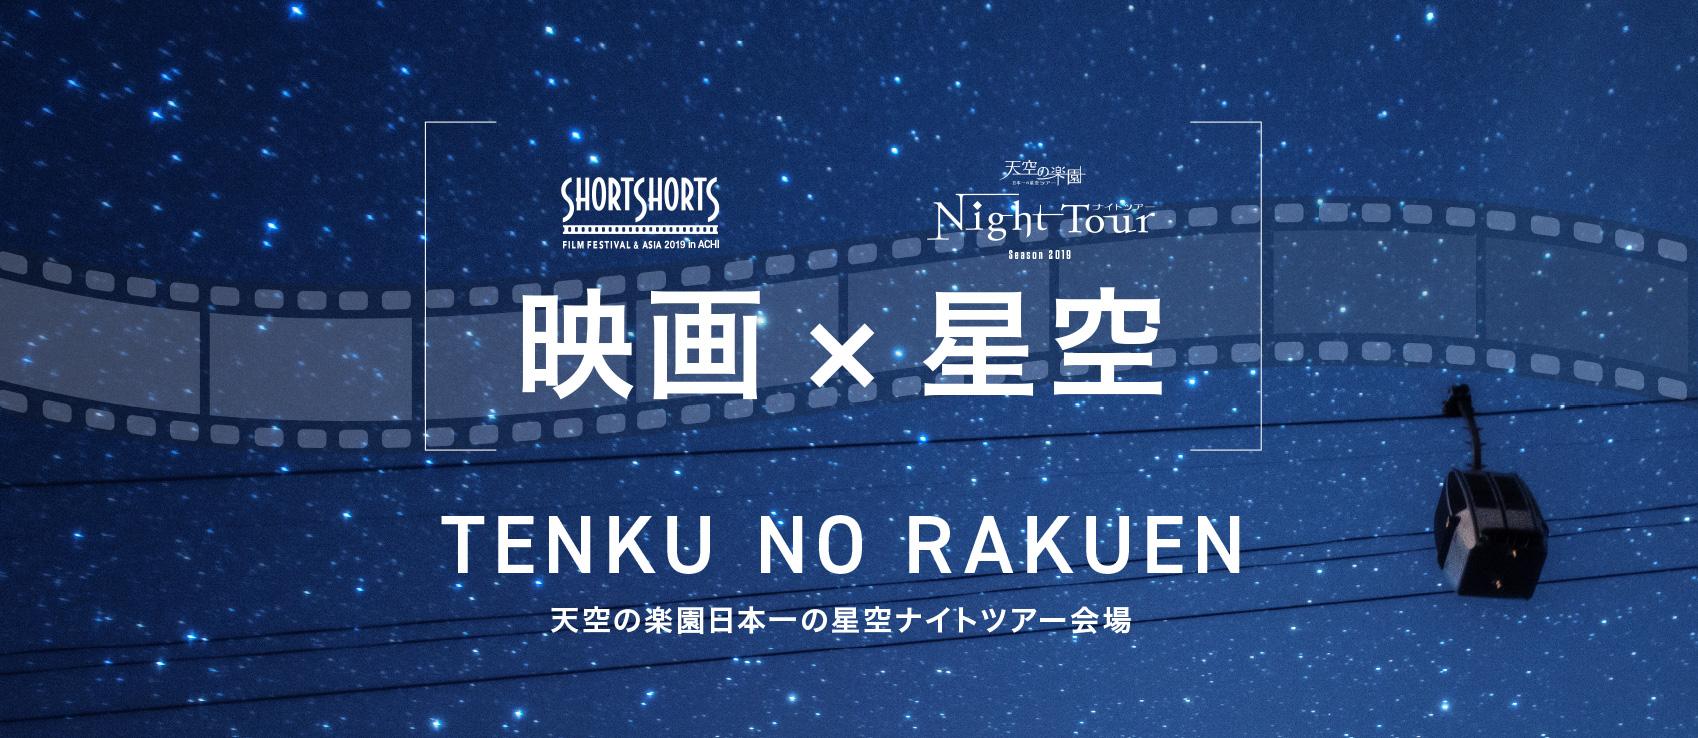 映画×星空TENKU NO RAKUEN天空の楽園日本一の星空ナイトツアー会場Season 2019